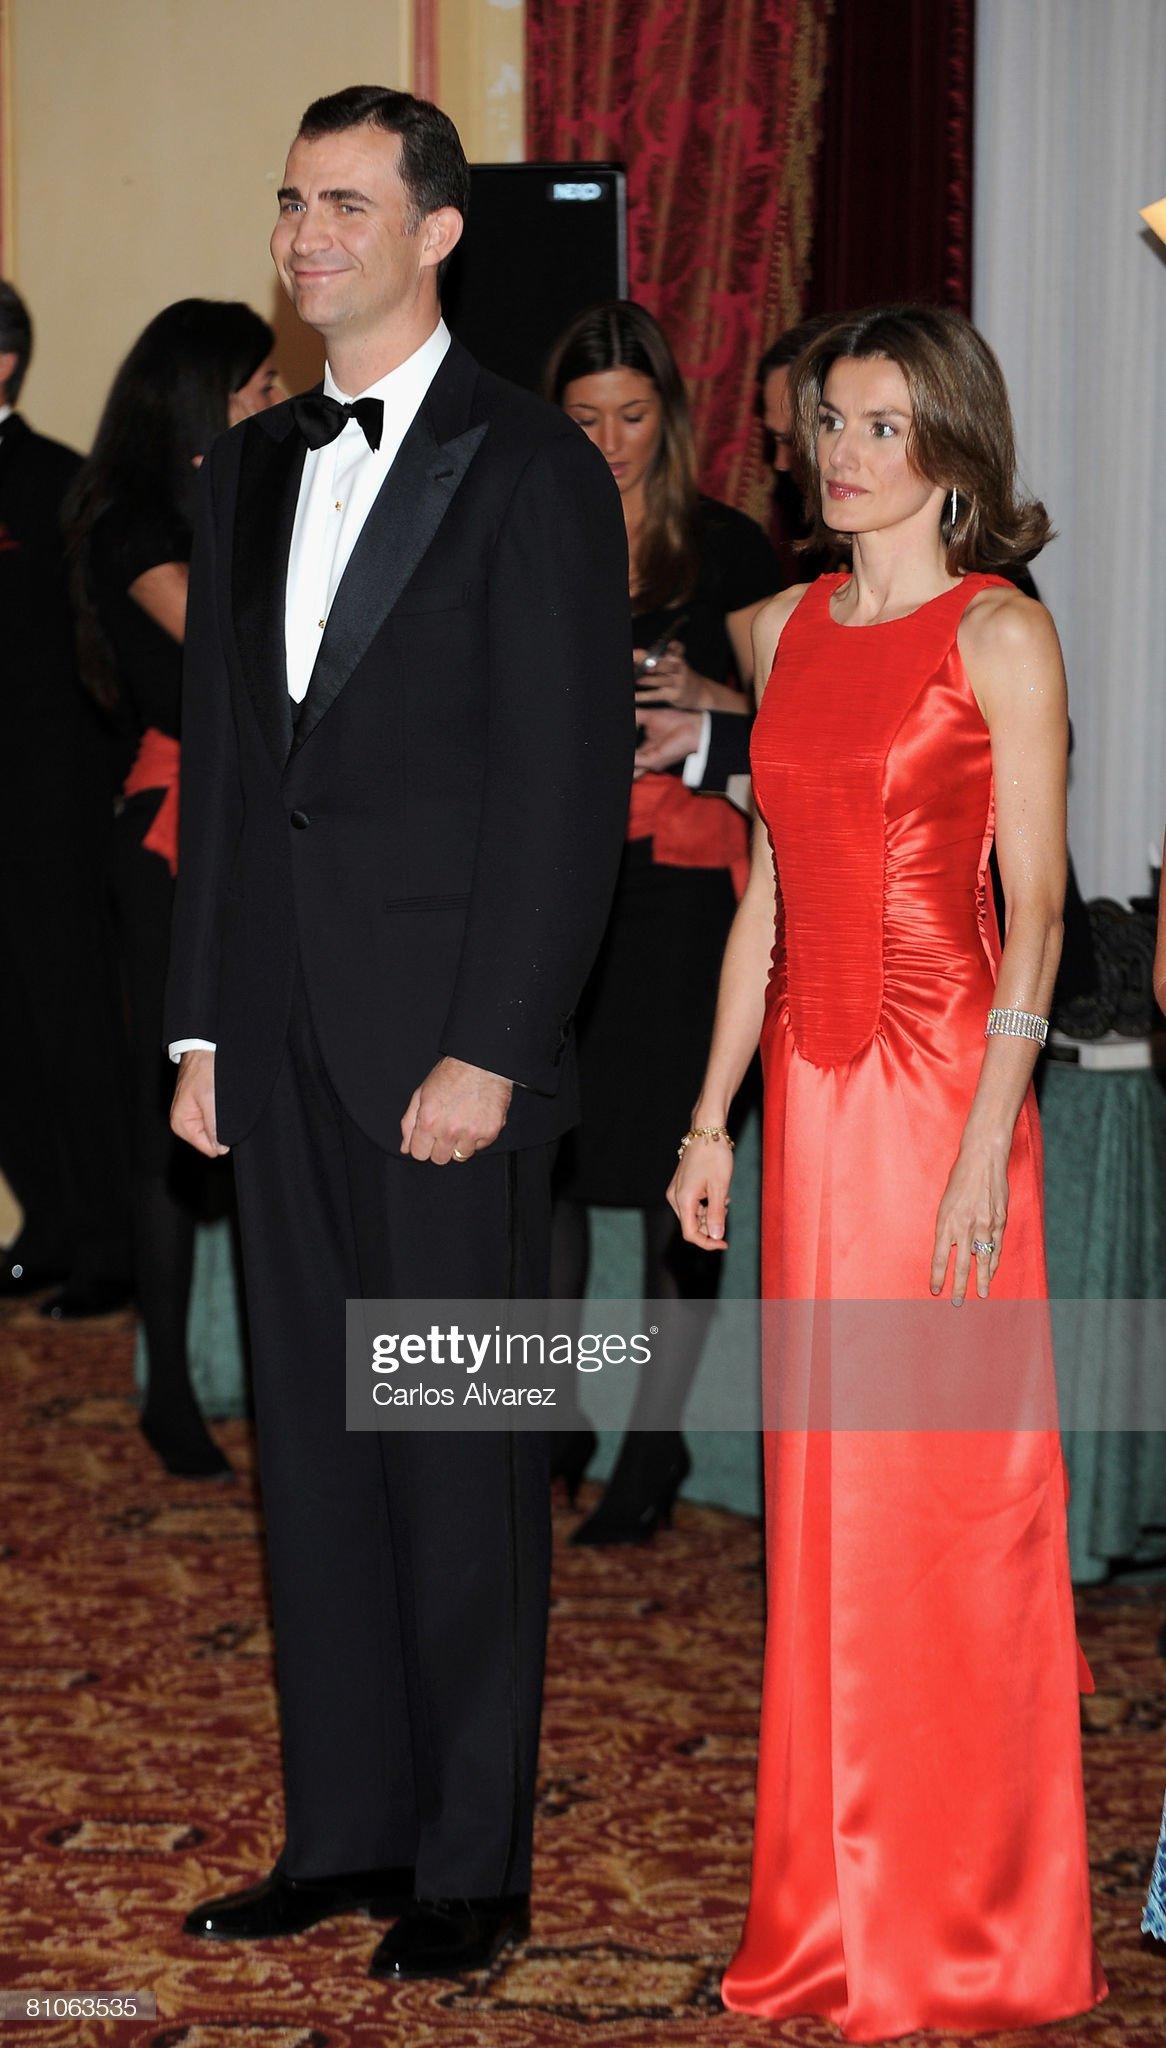 Вечерние наряды Королевы Летиции Prince Felipe & Princess Letizia At